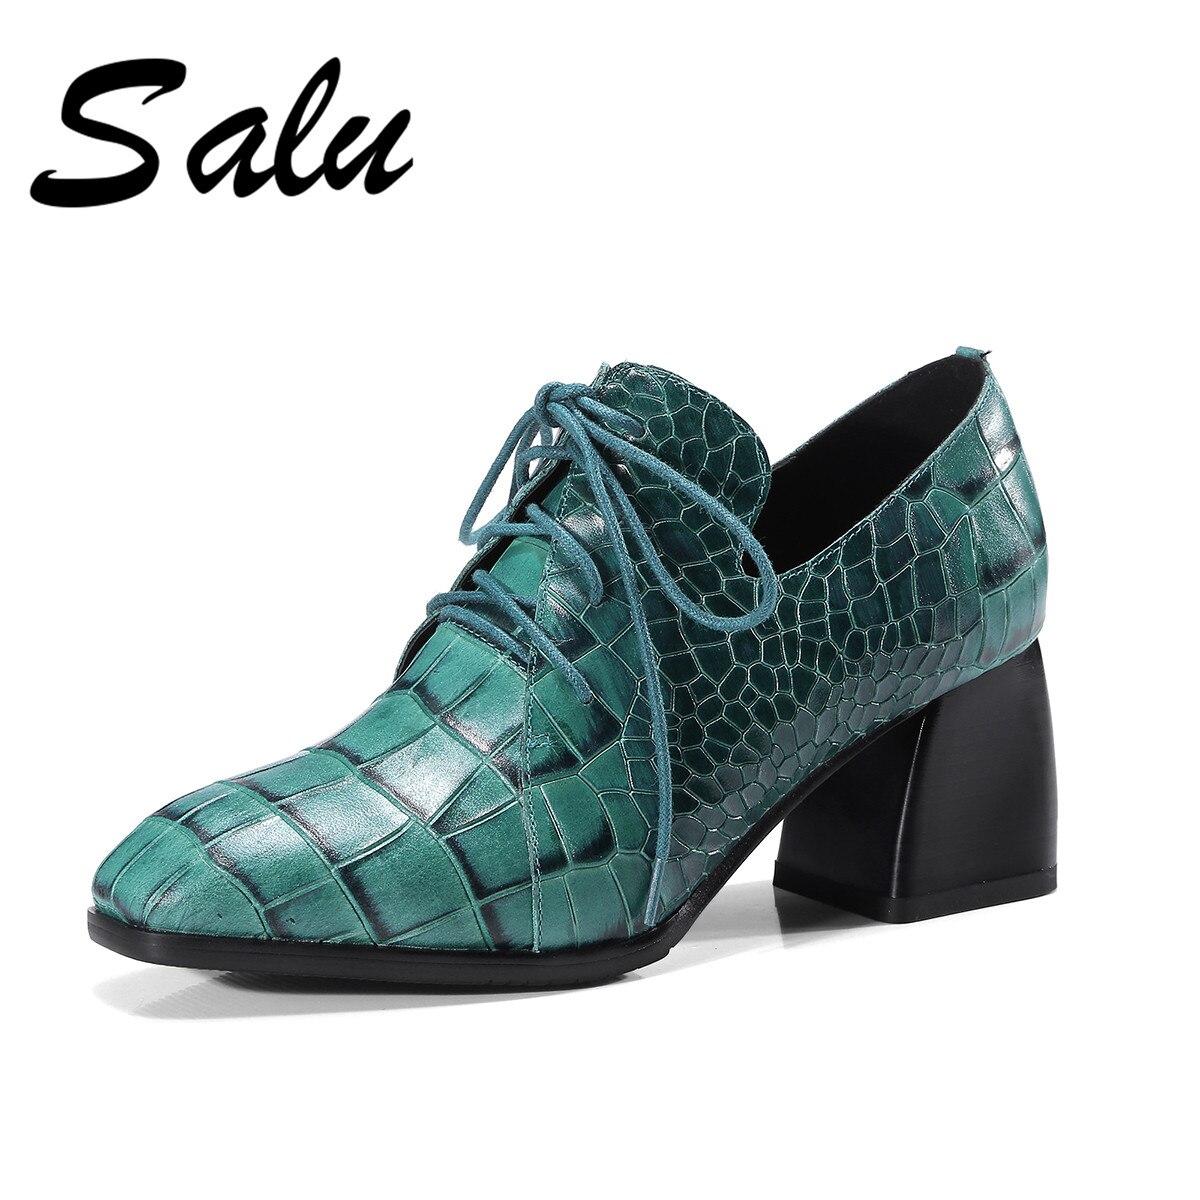 Di Delle Tacco Da Up Nero Caviglia Donna Con 2019 Medio Cuoio Sposa Tacchi Genuino Donne Scarpe blu Pompe Salu Primavera Il Lace 5w6BIqn